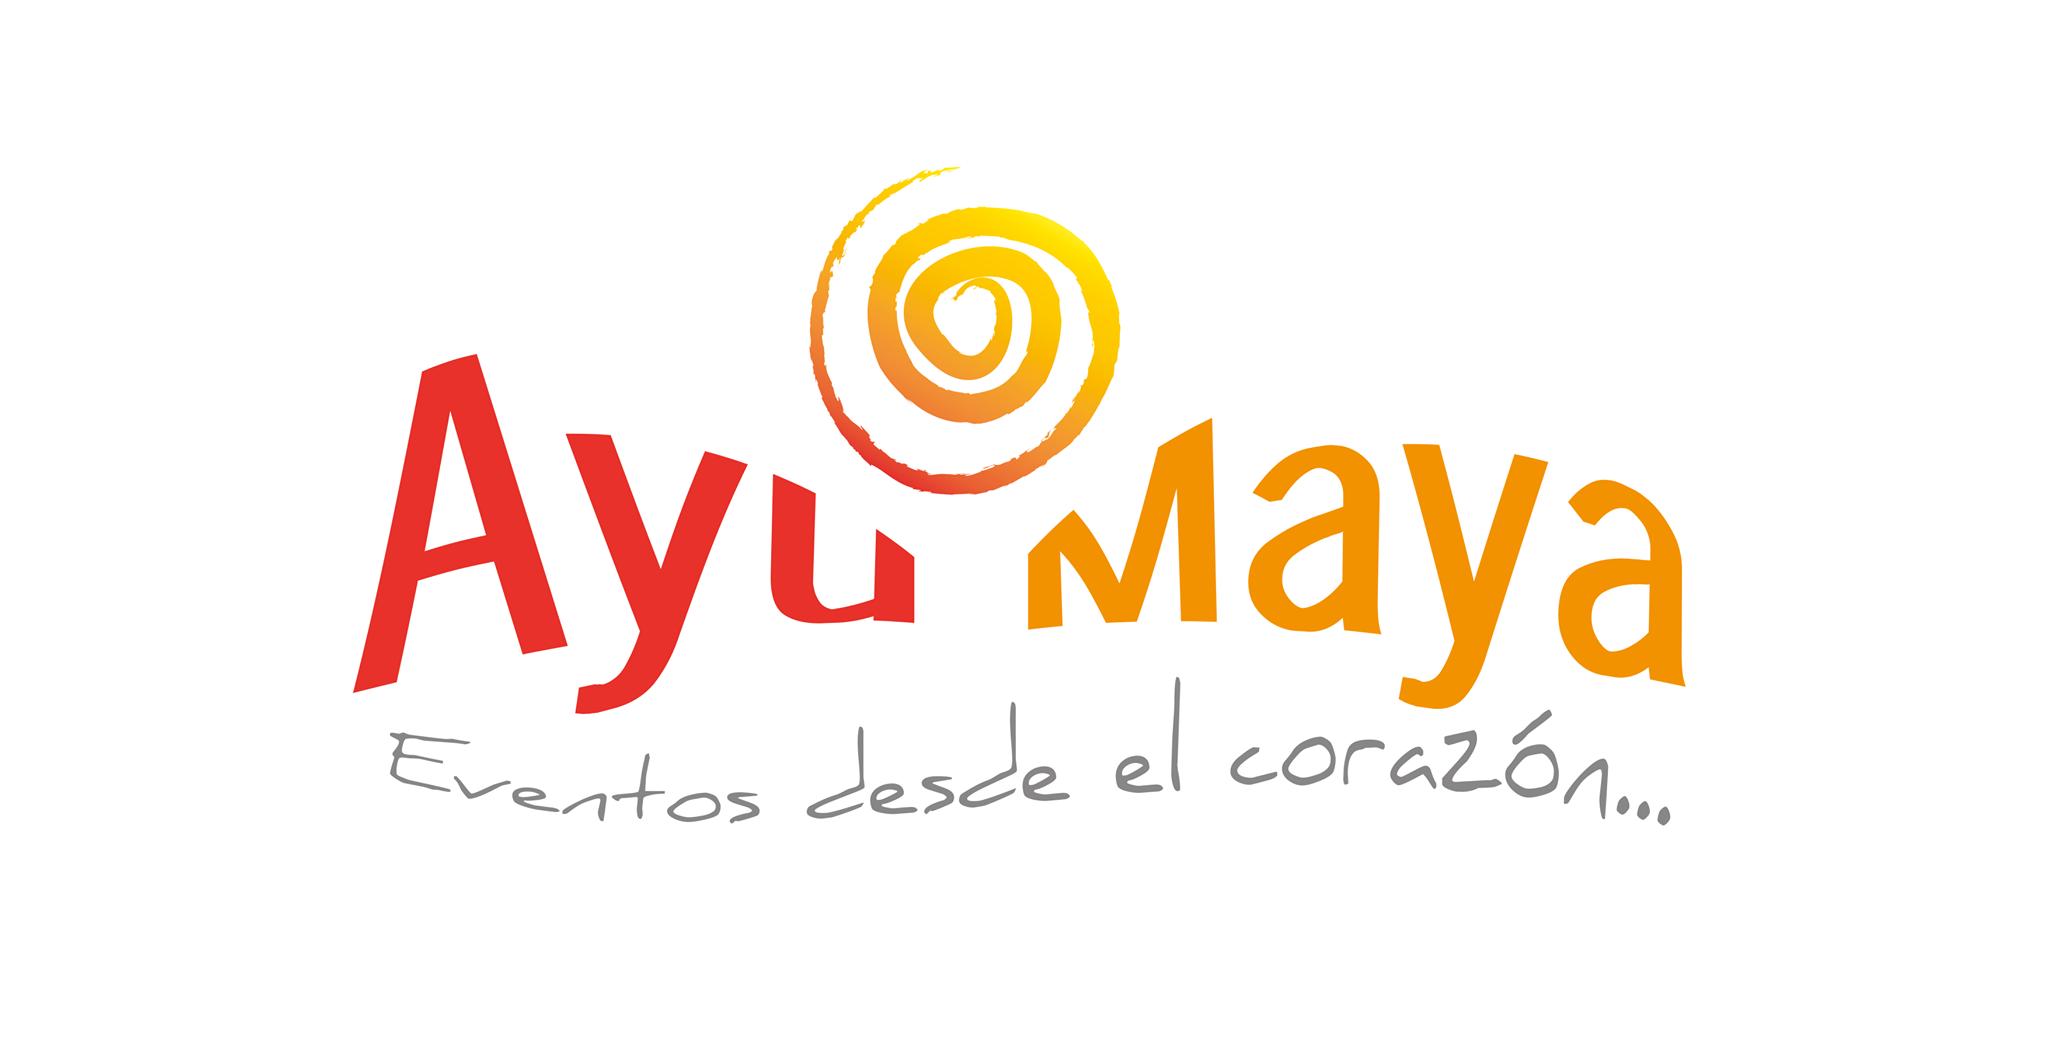 AYUMAYA